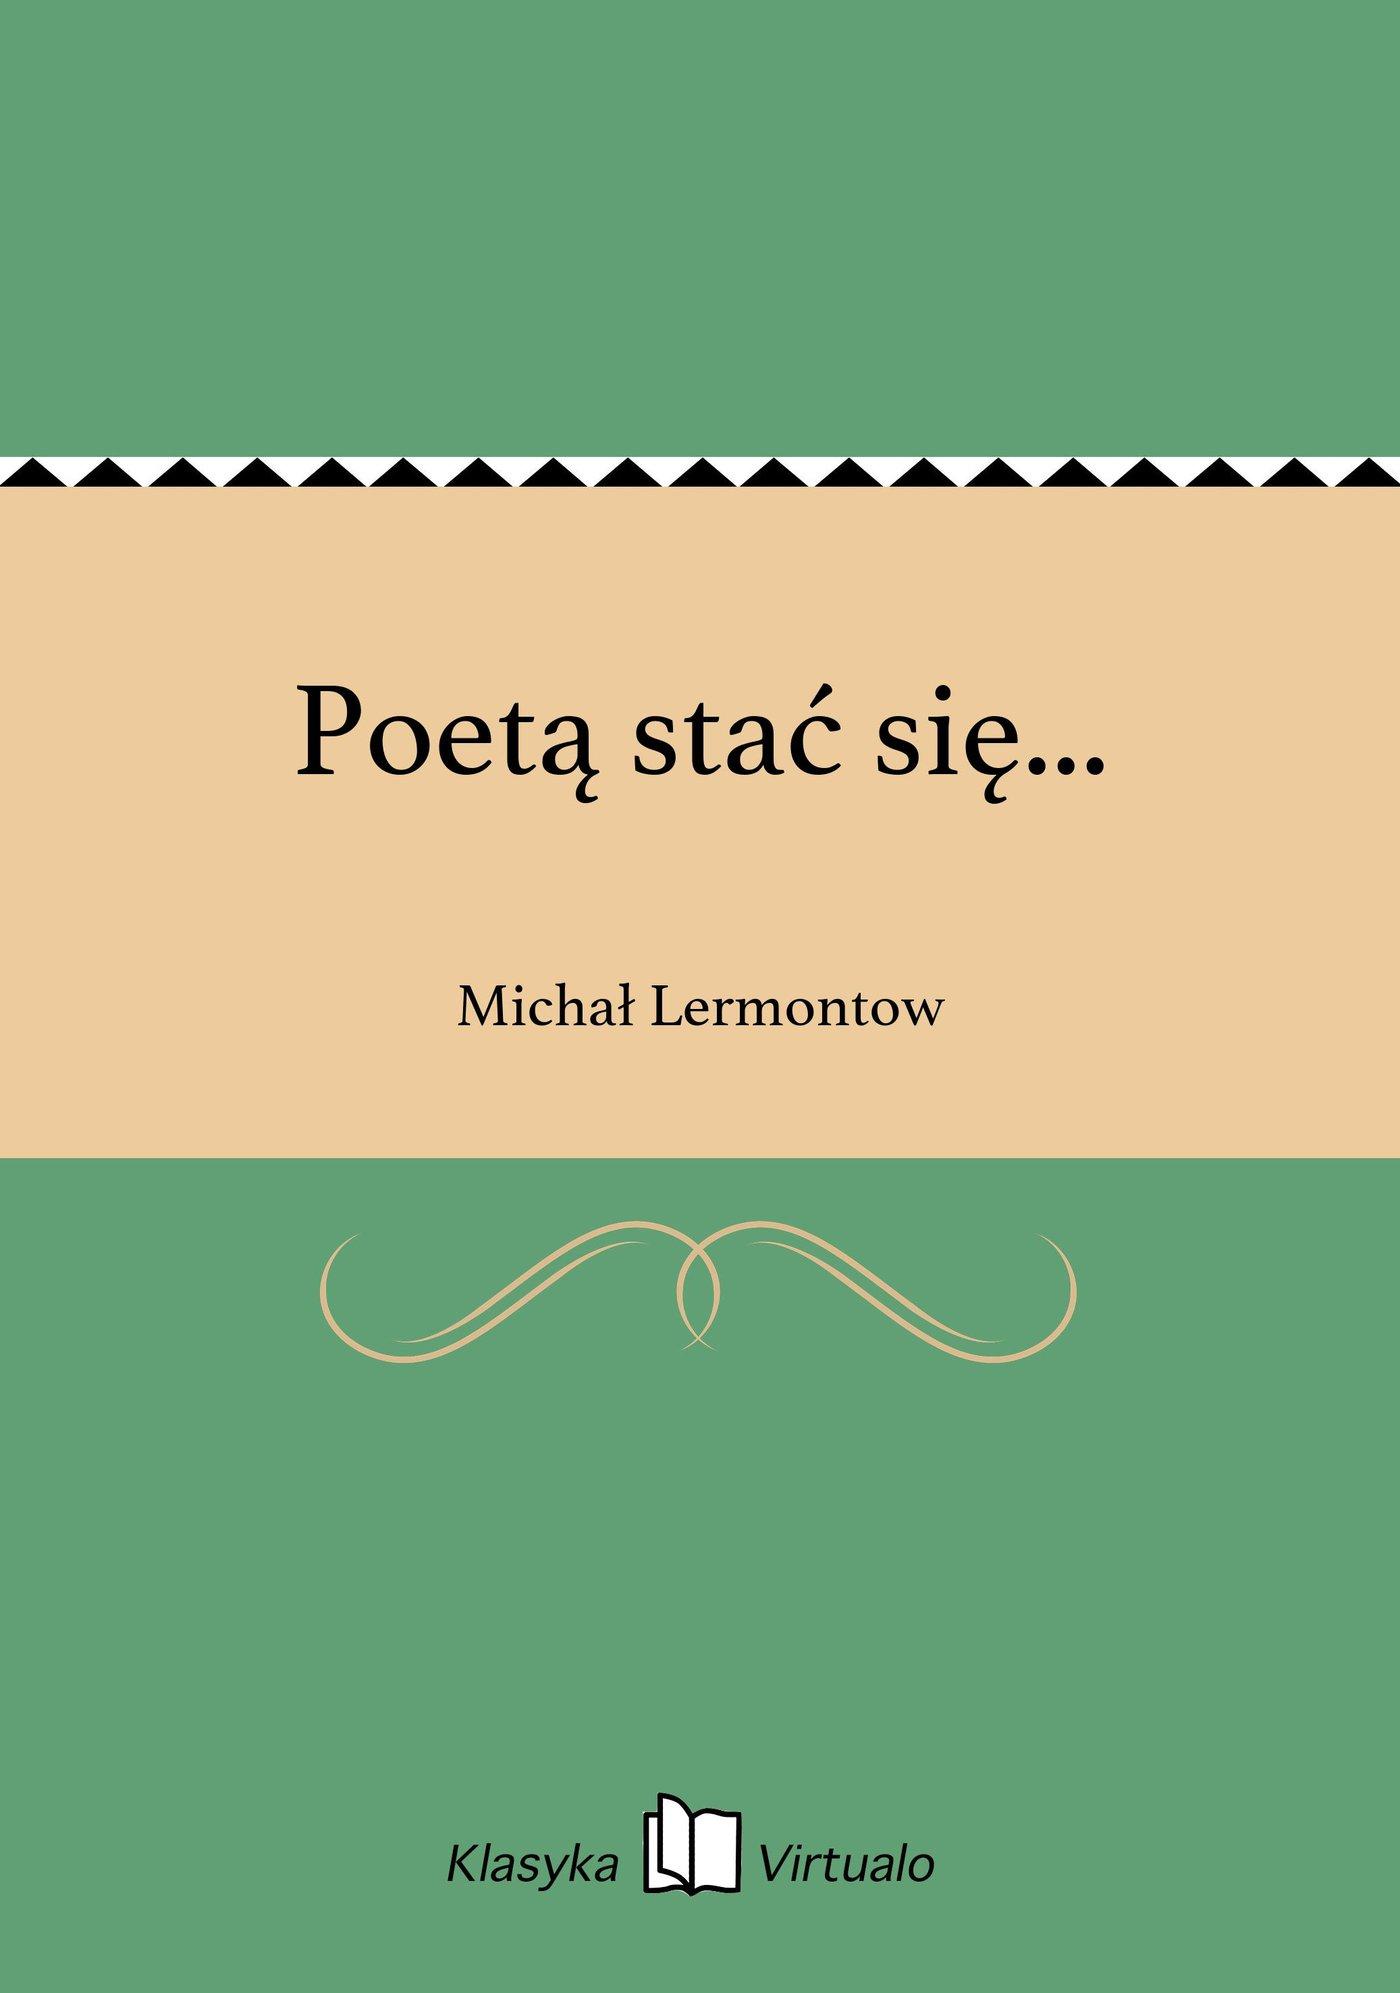 Poetą stać się... - Ebook (Książka EPUB) do pobrania w formacie EPUB